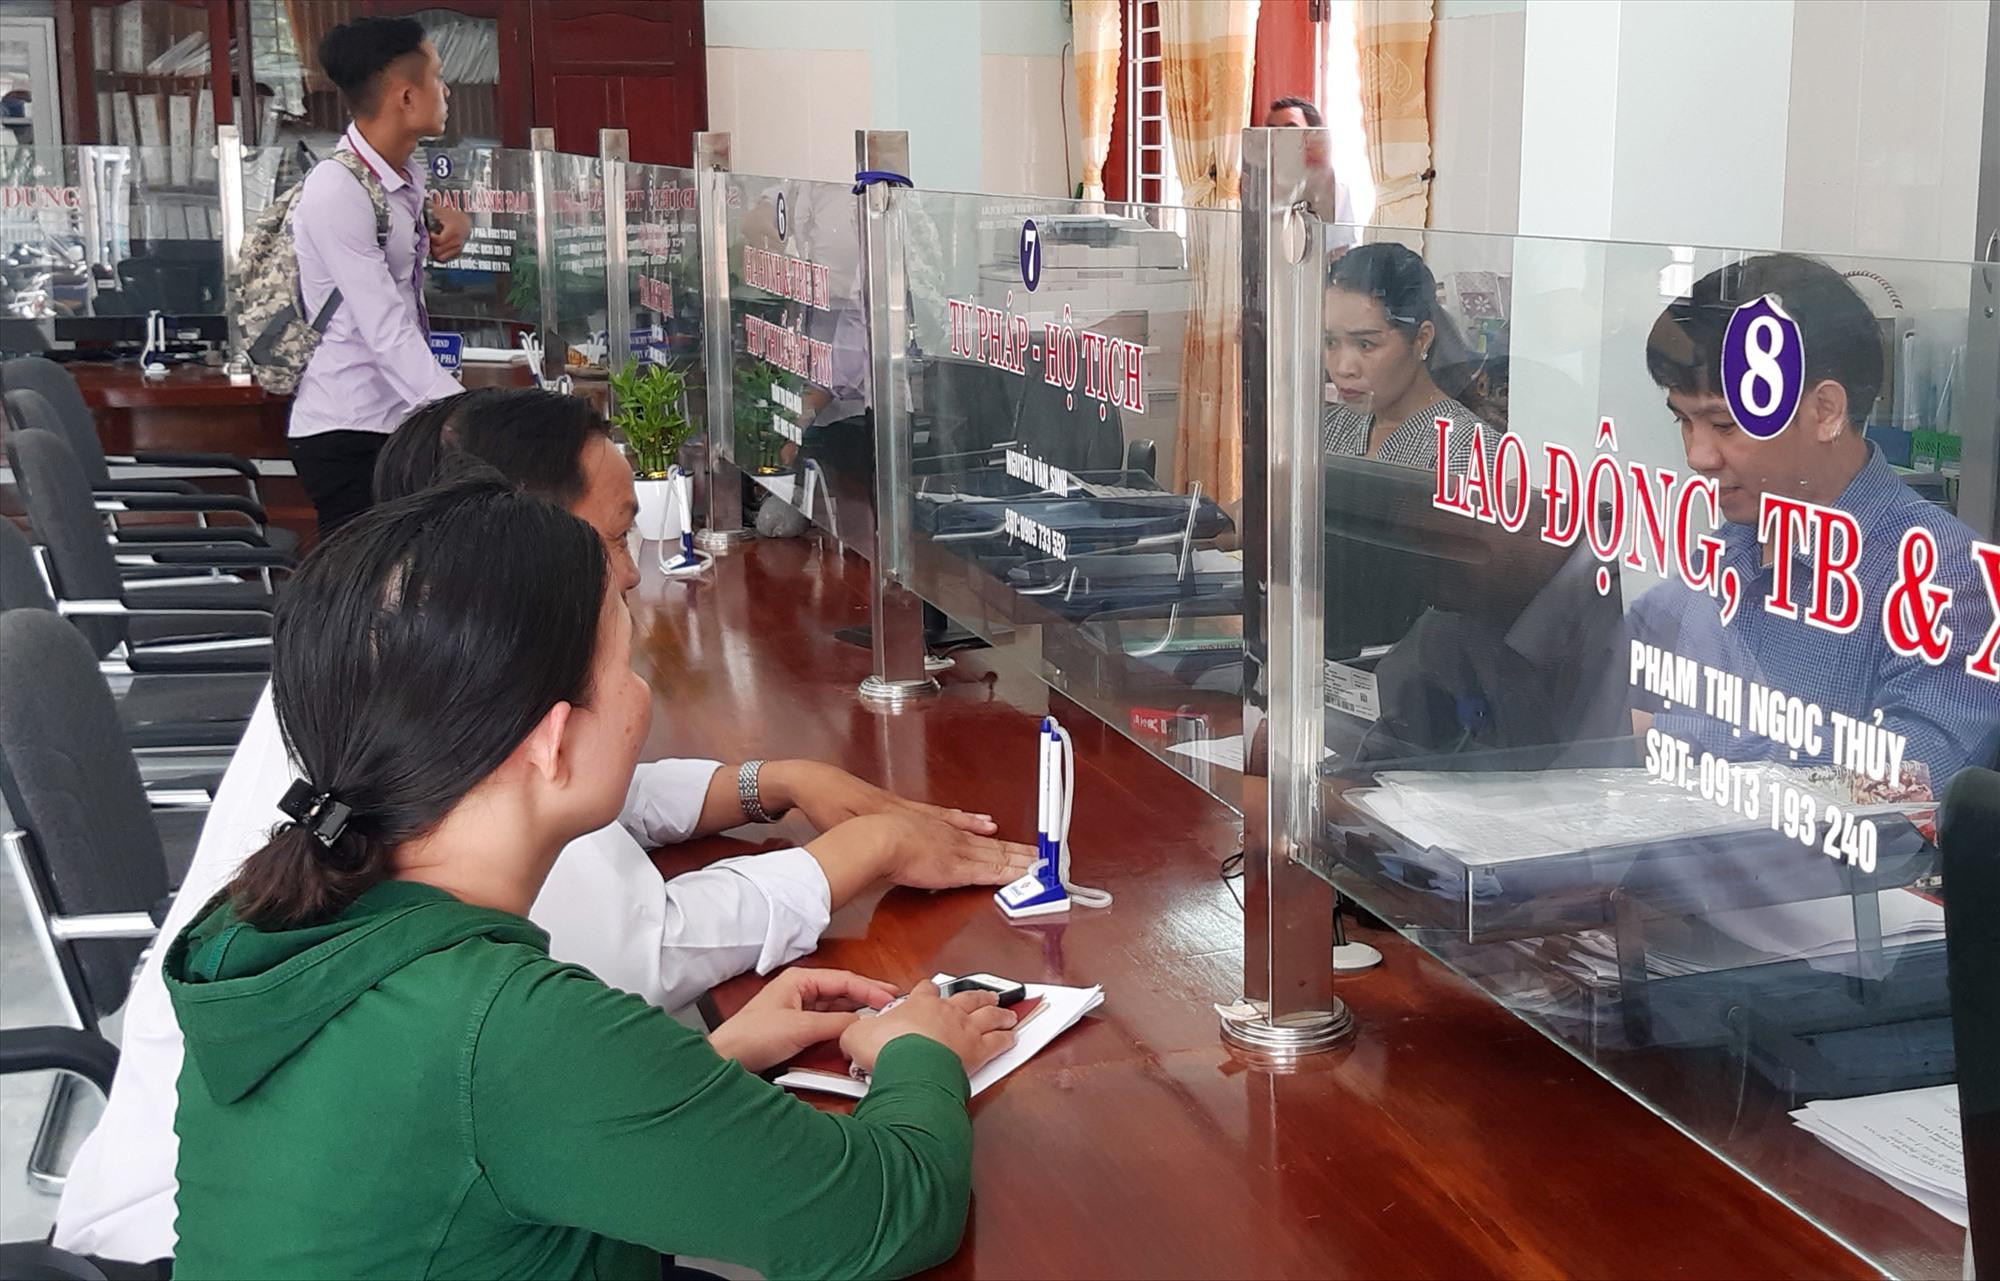 Giải quyết thủ tục hành chính tại Bộ phận tiếp nhận và trả kết quả phường An Sơn (TP.Tam Kỳ). Ảnh: V.LY